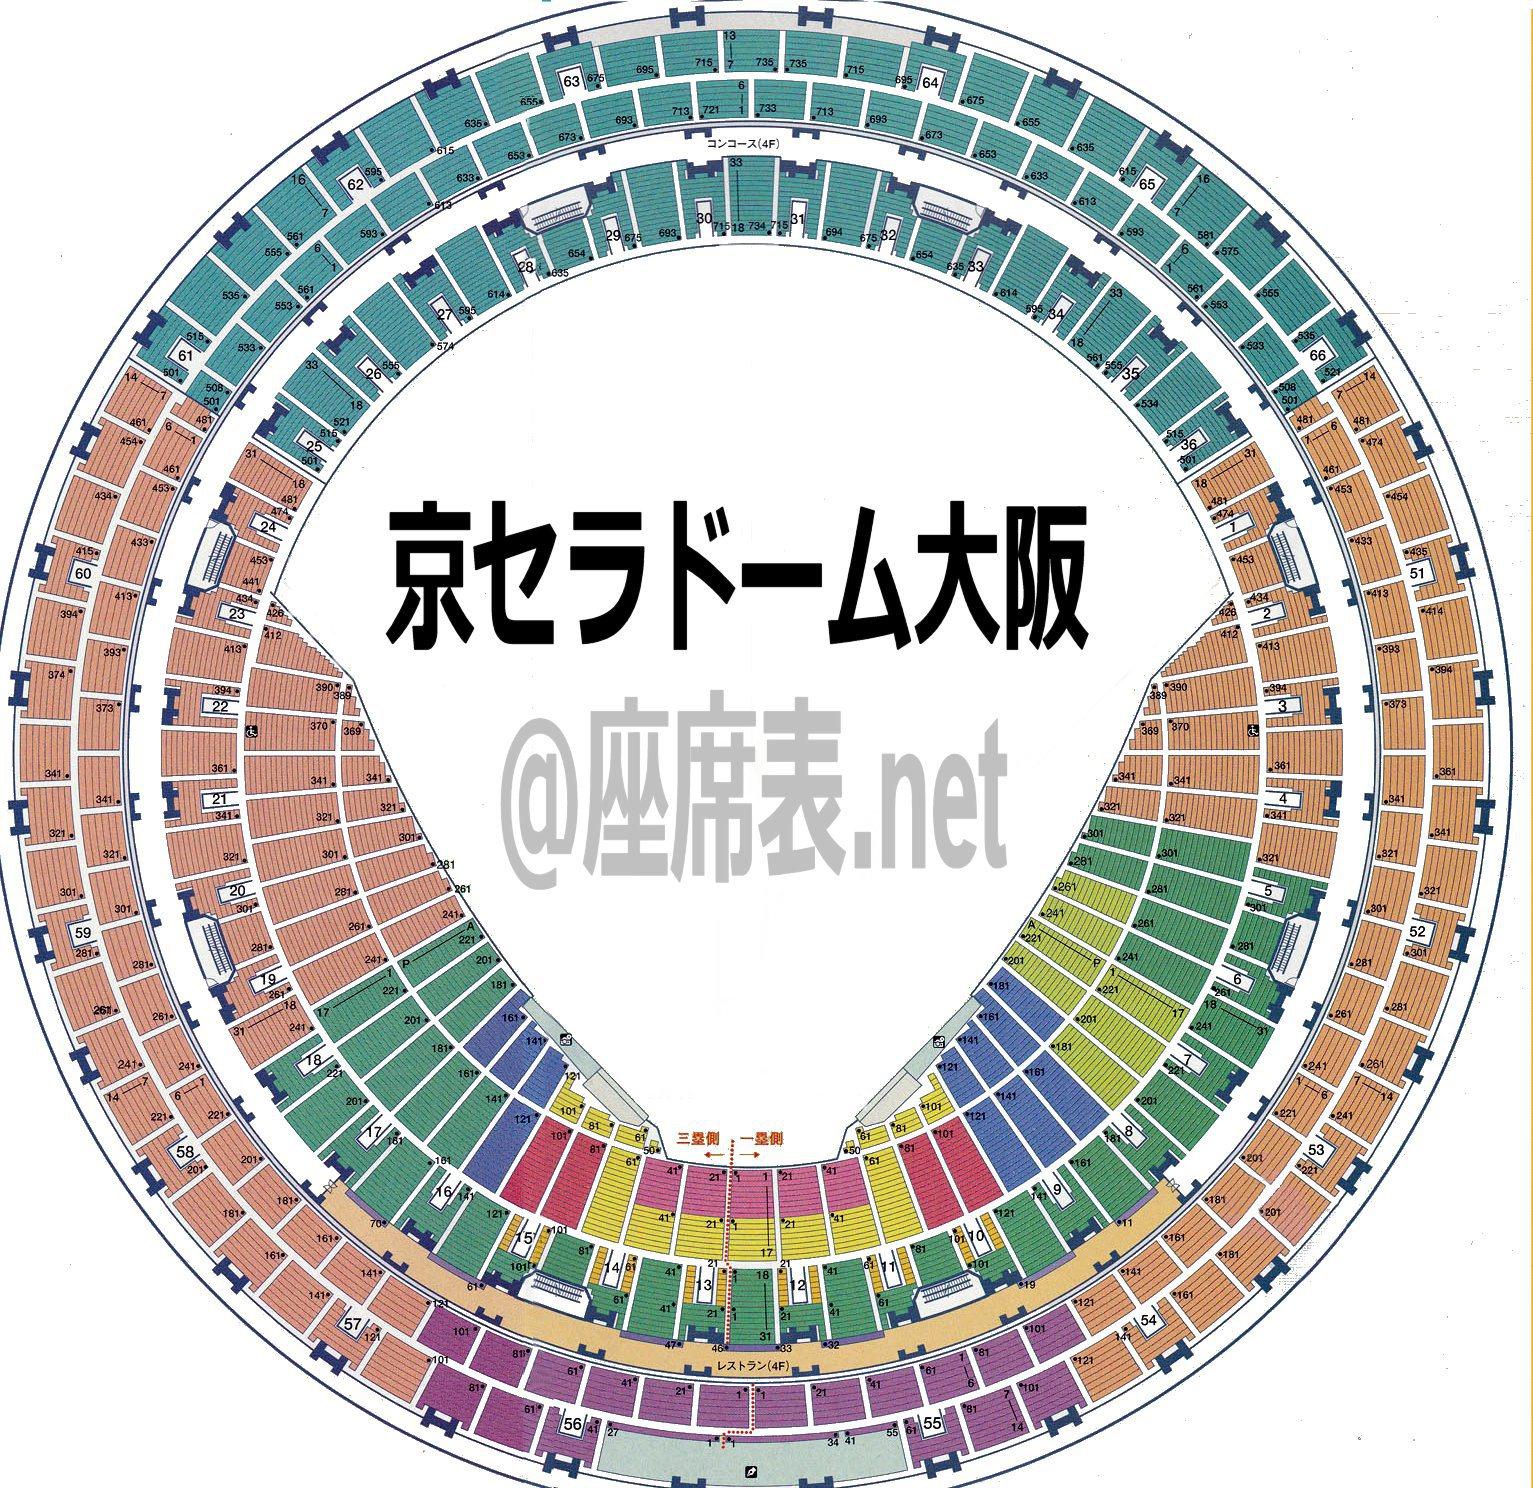 京セラドーム座席表